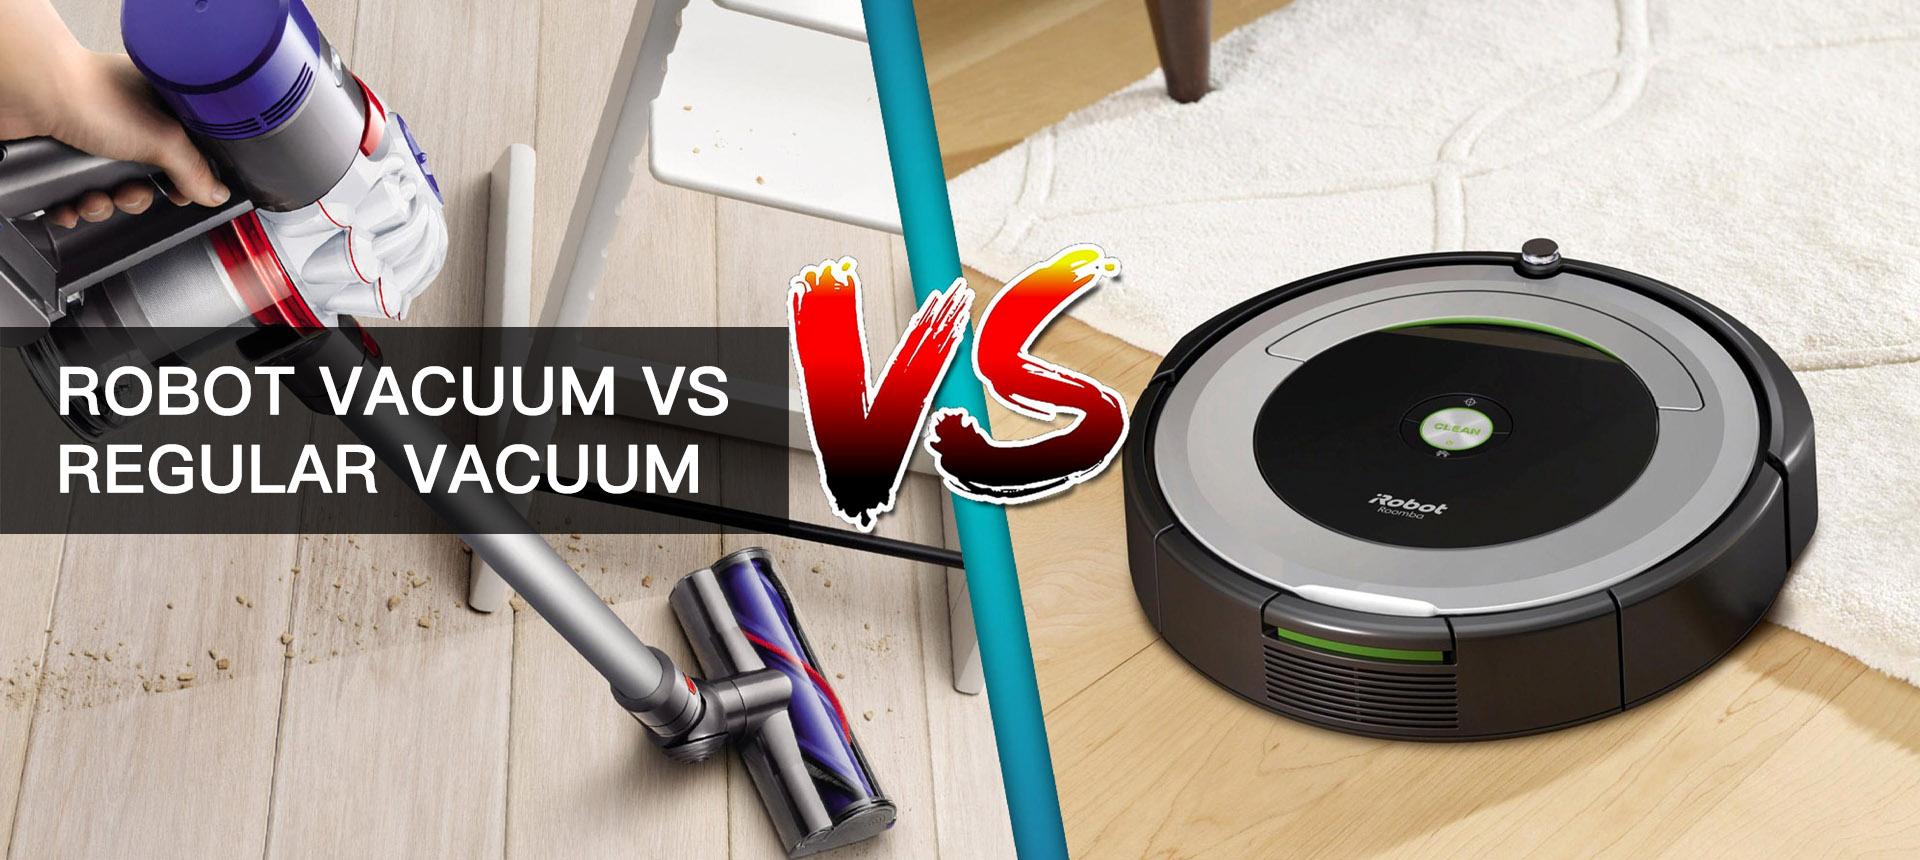 Robot Vacuum Or Regular Vacuum